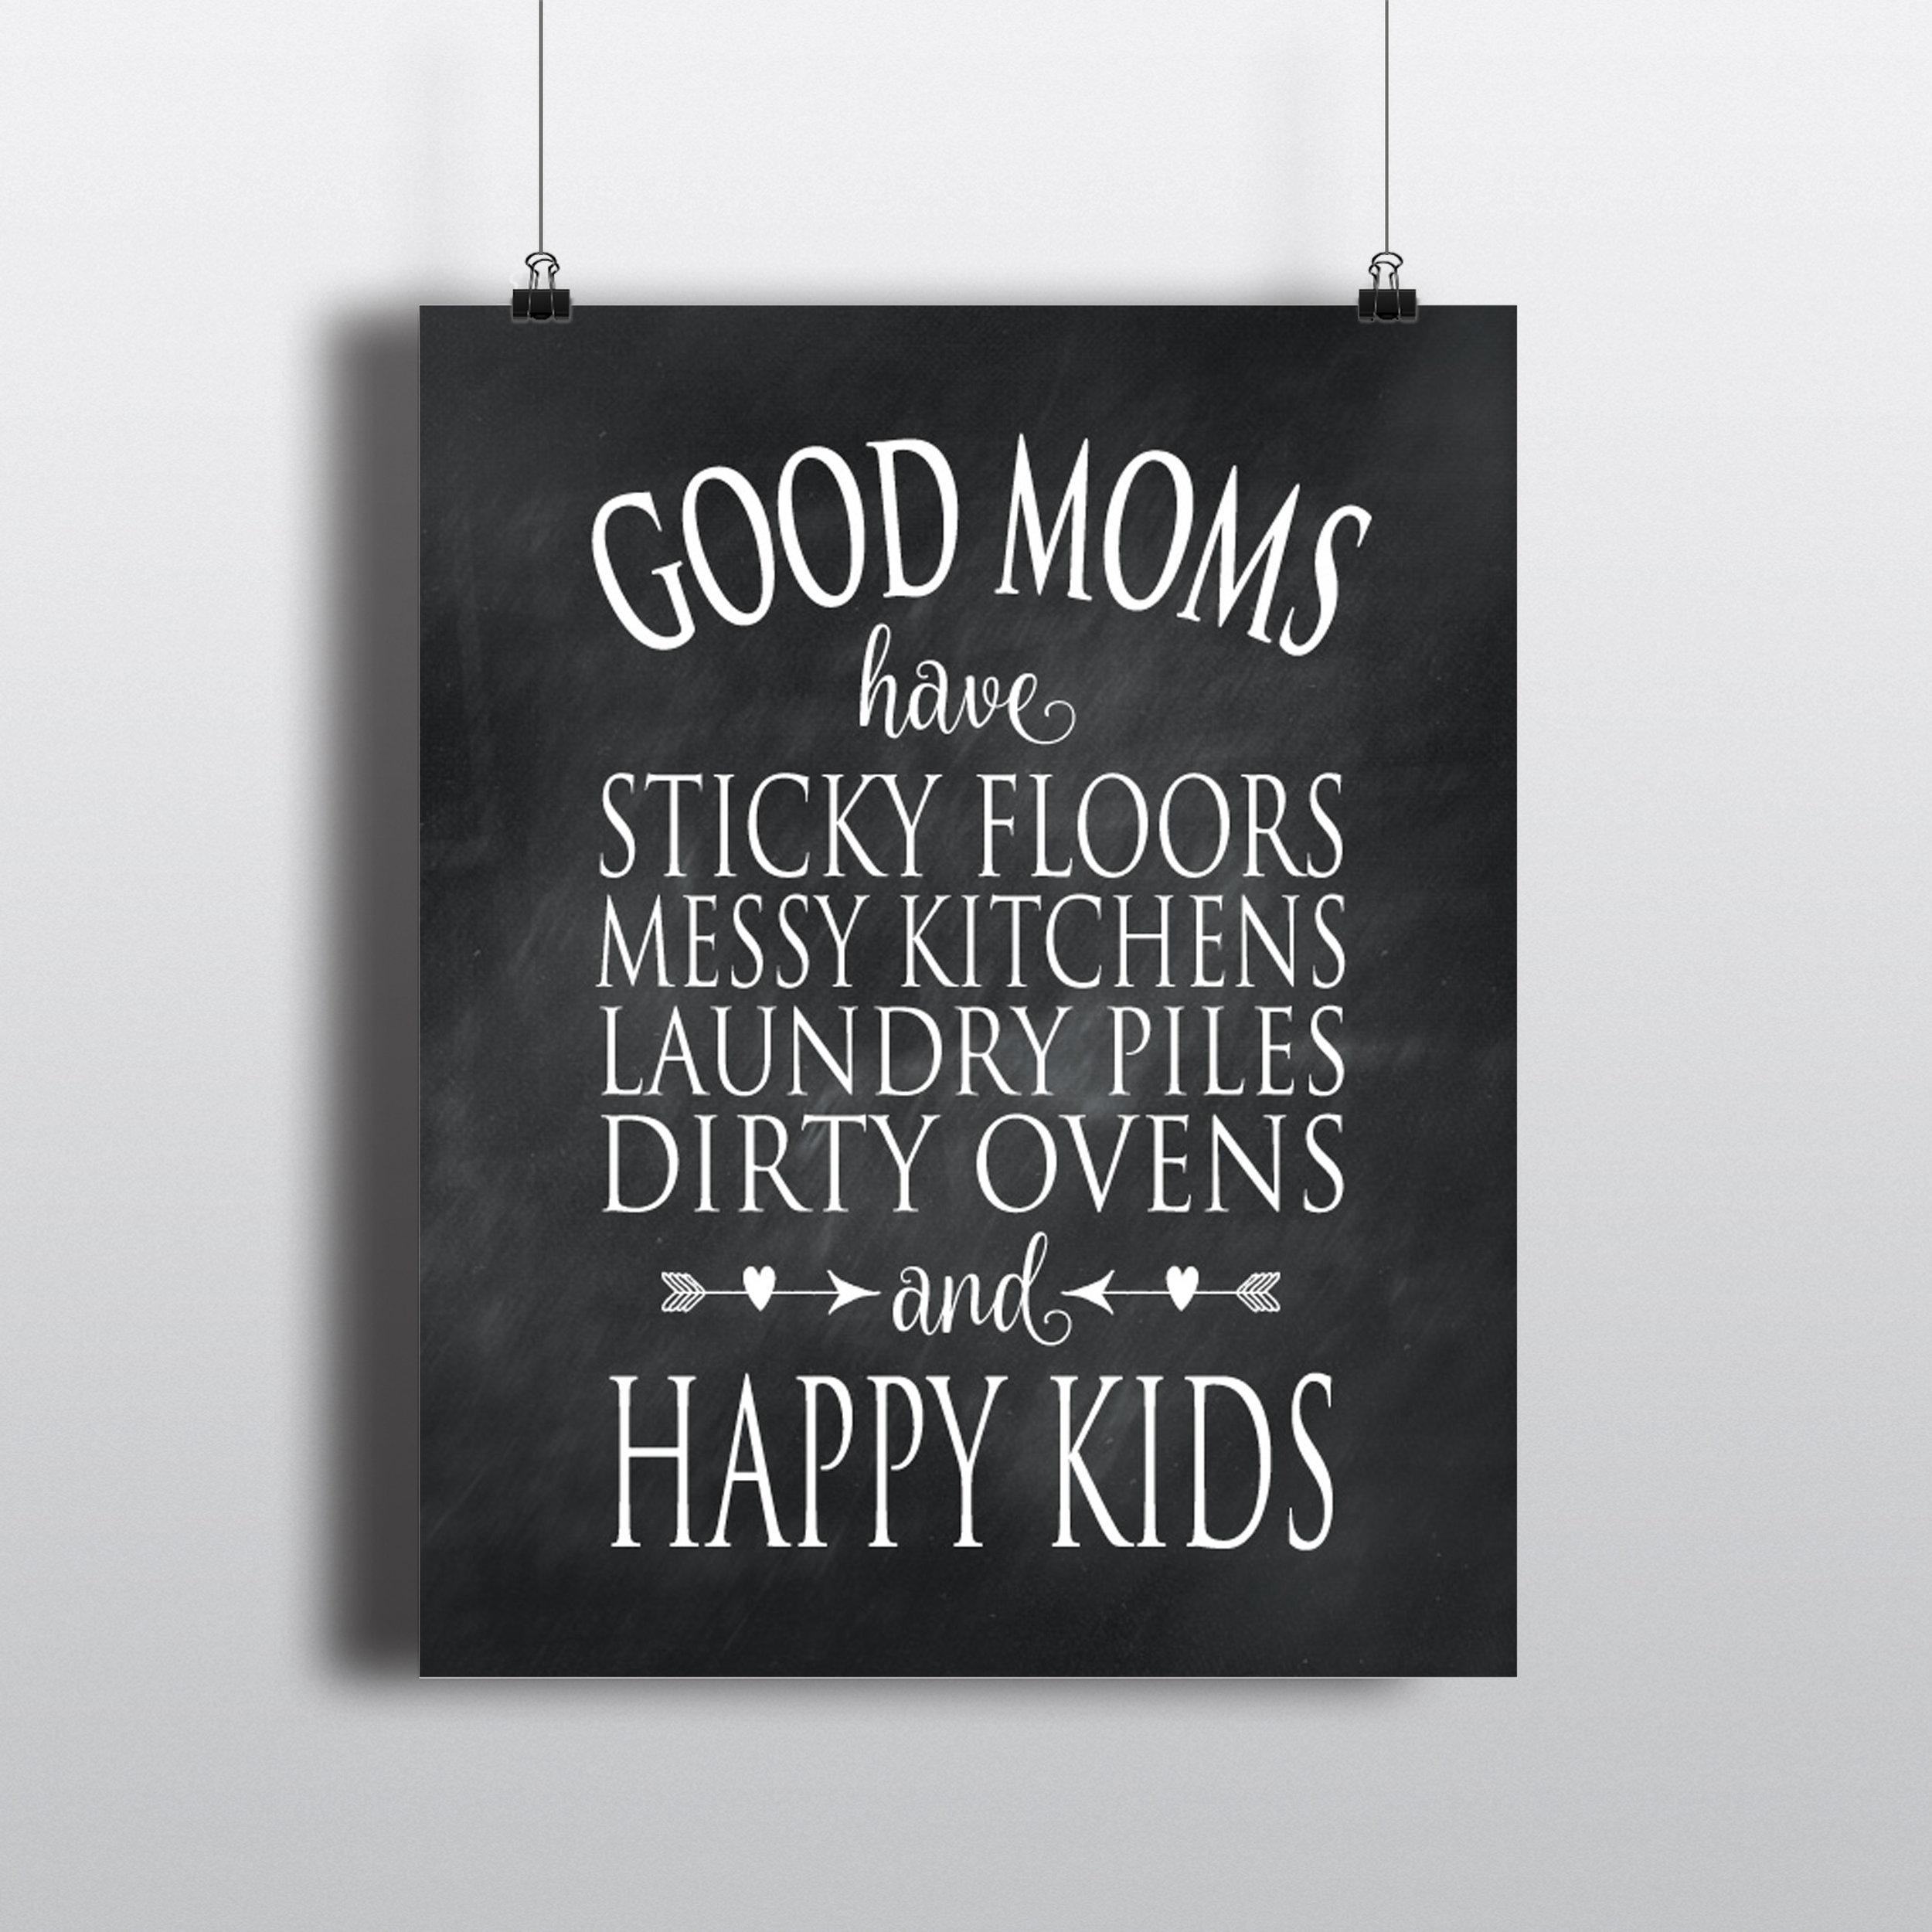 GOOD-MOMS.jpg